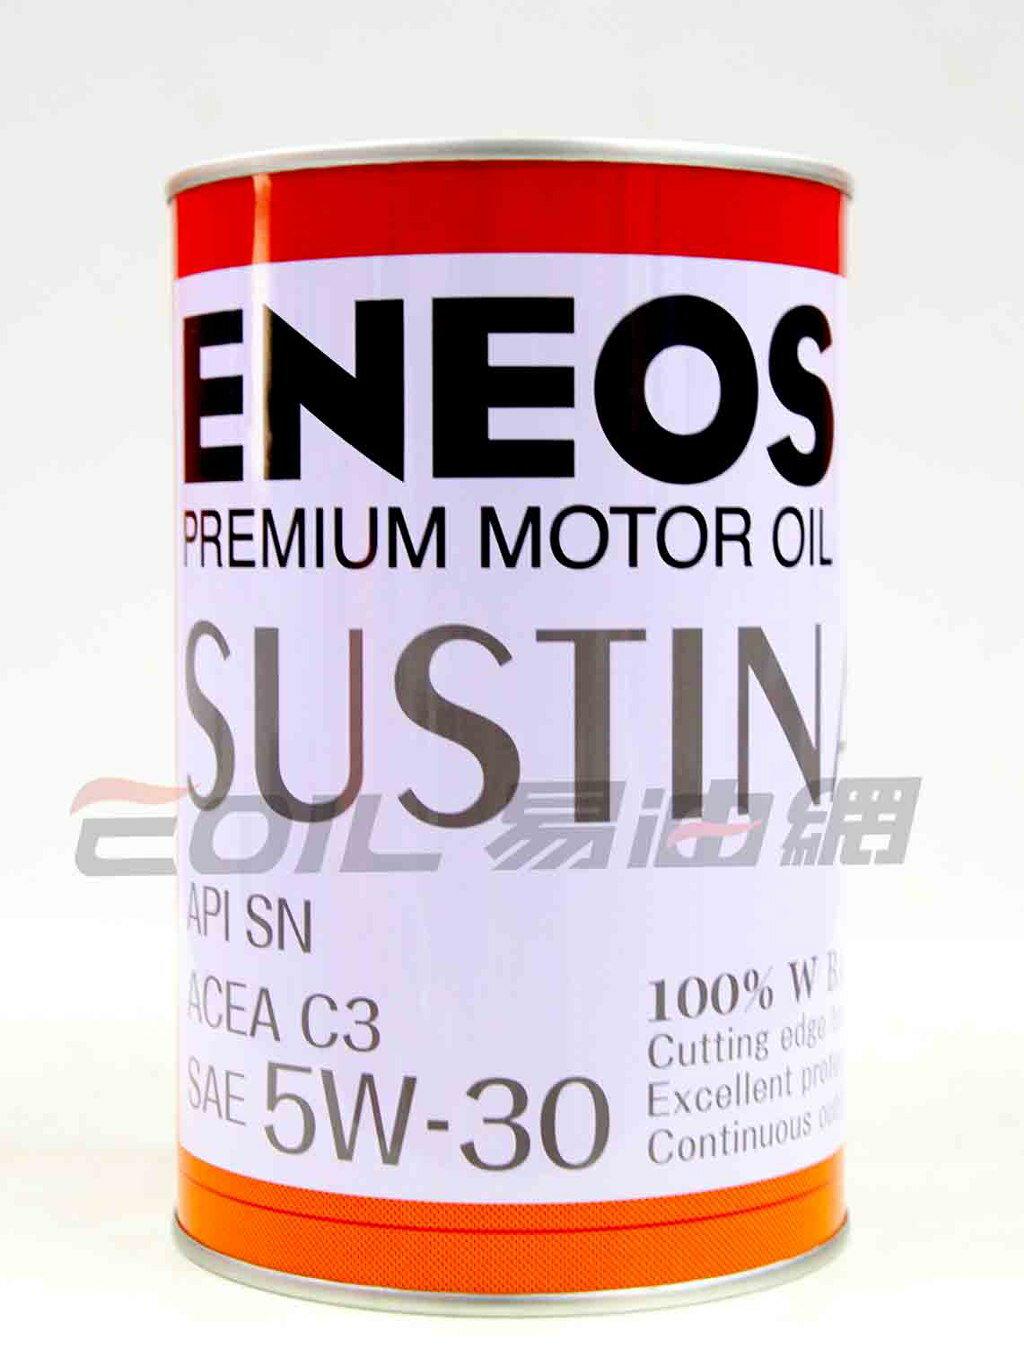 ENEOS JX SUSTINA 5W30 新日本石油 全合成機油